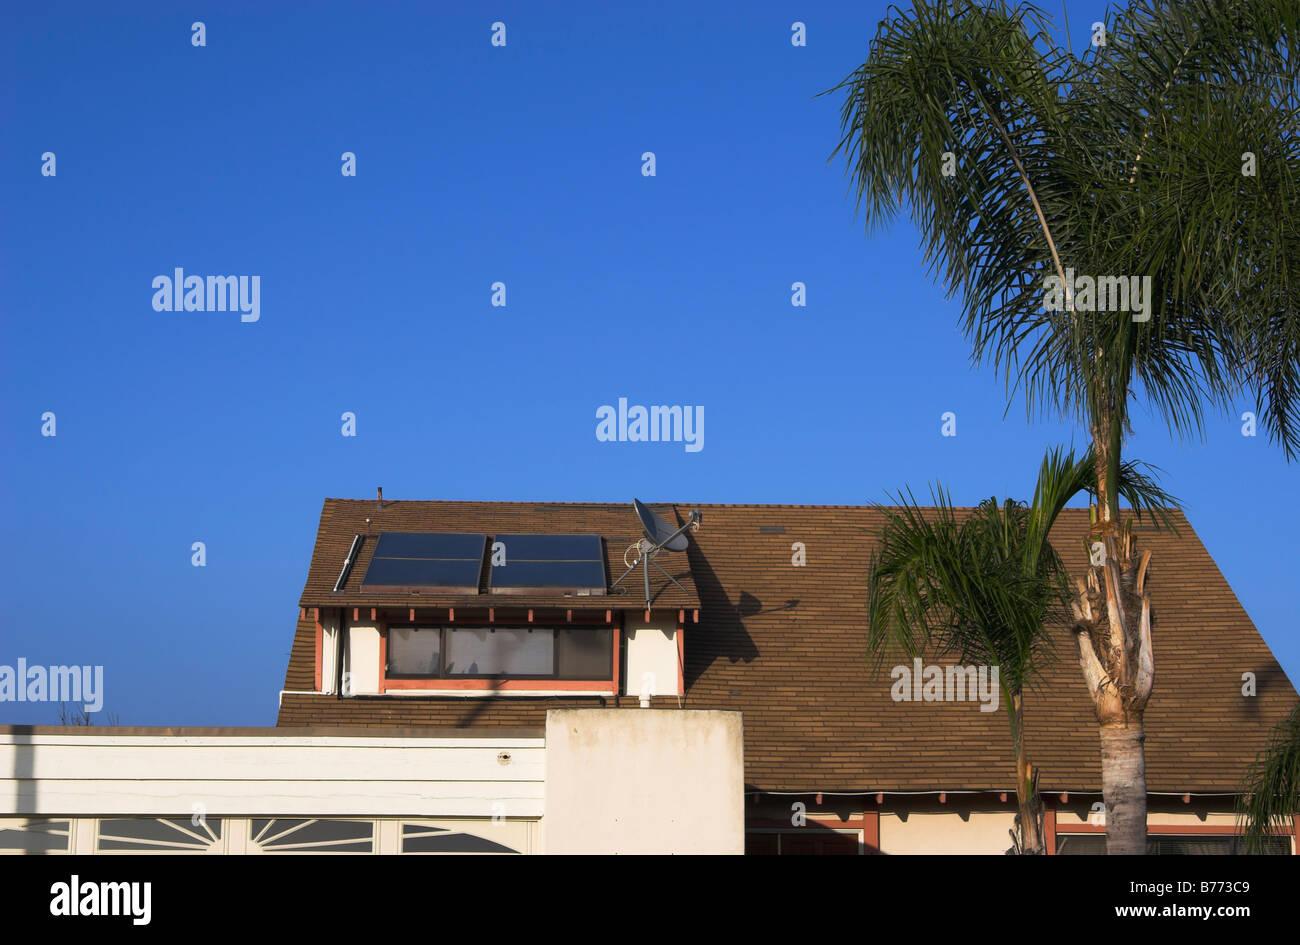 Chauffe-eau solaires résidentiels, San Diego, Californie Photo Stock